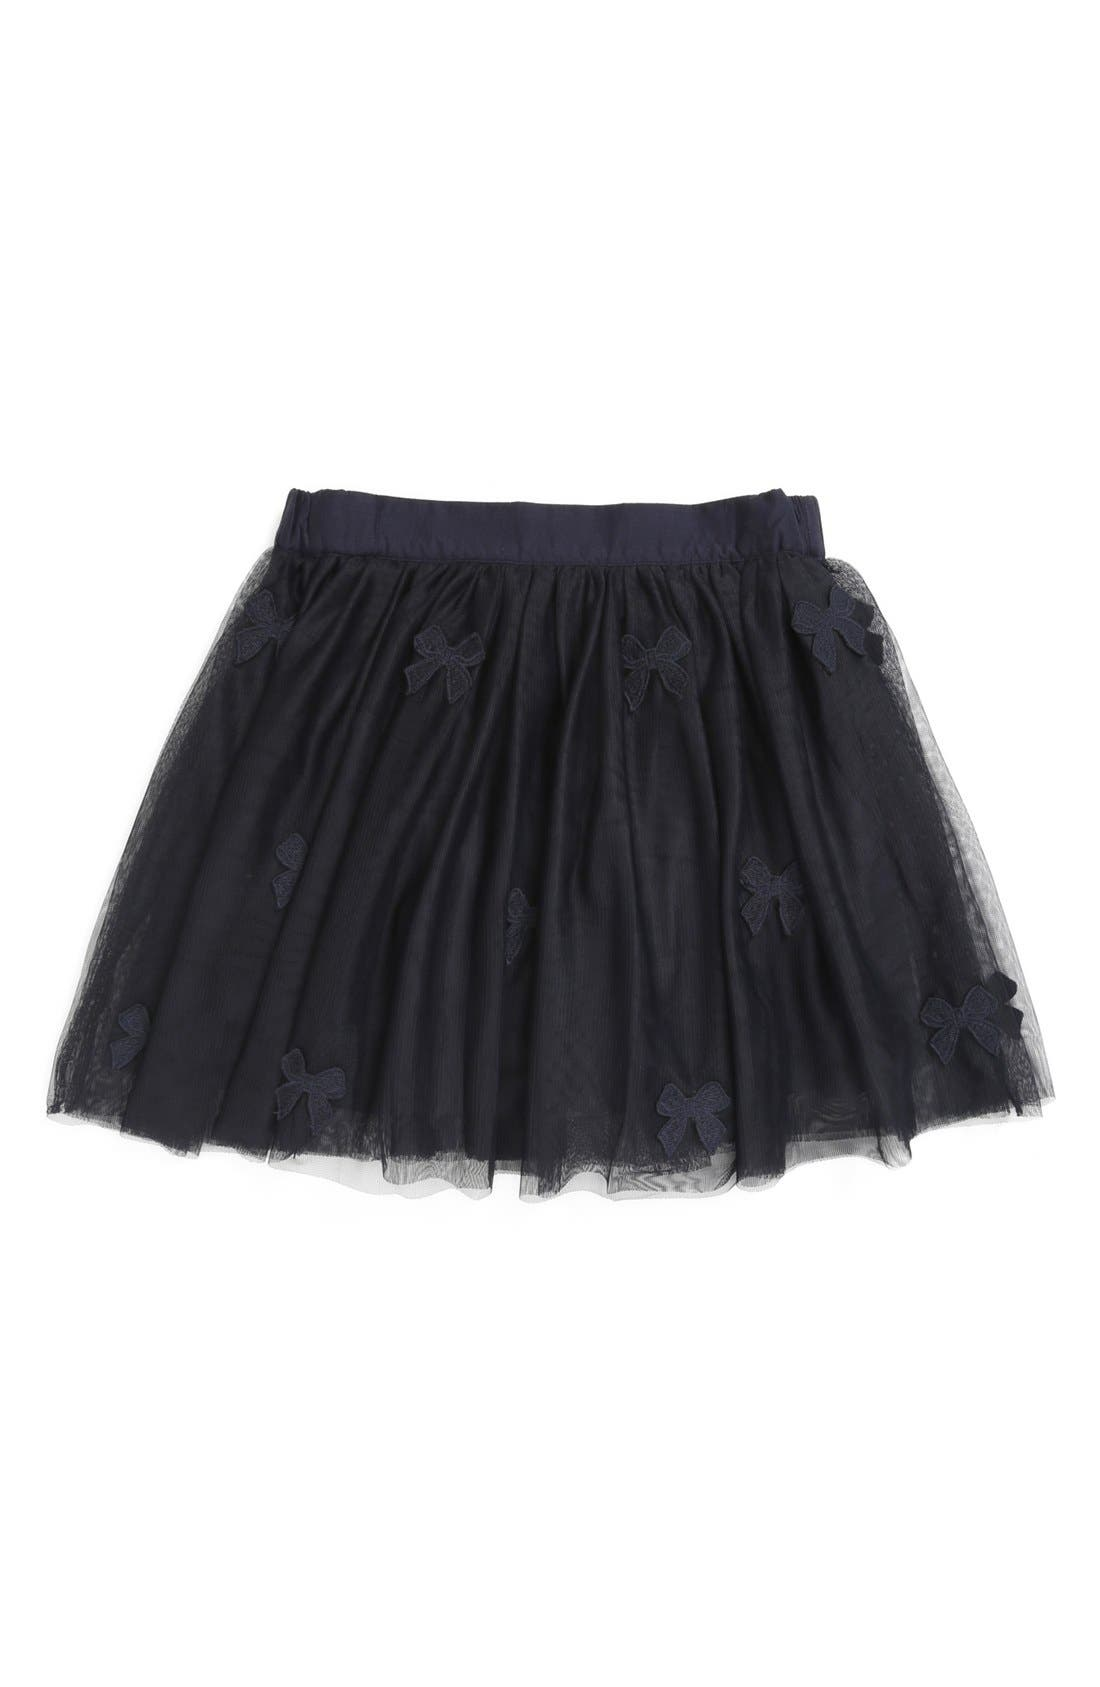 Alternate Image 1 Selected - Stella McCartney Kids 'Honey' Tulle Skirt (Toddler, Little Girls & Big Girls)